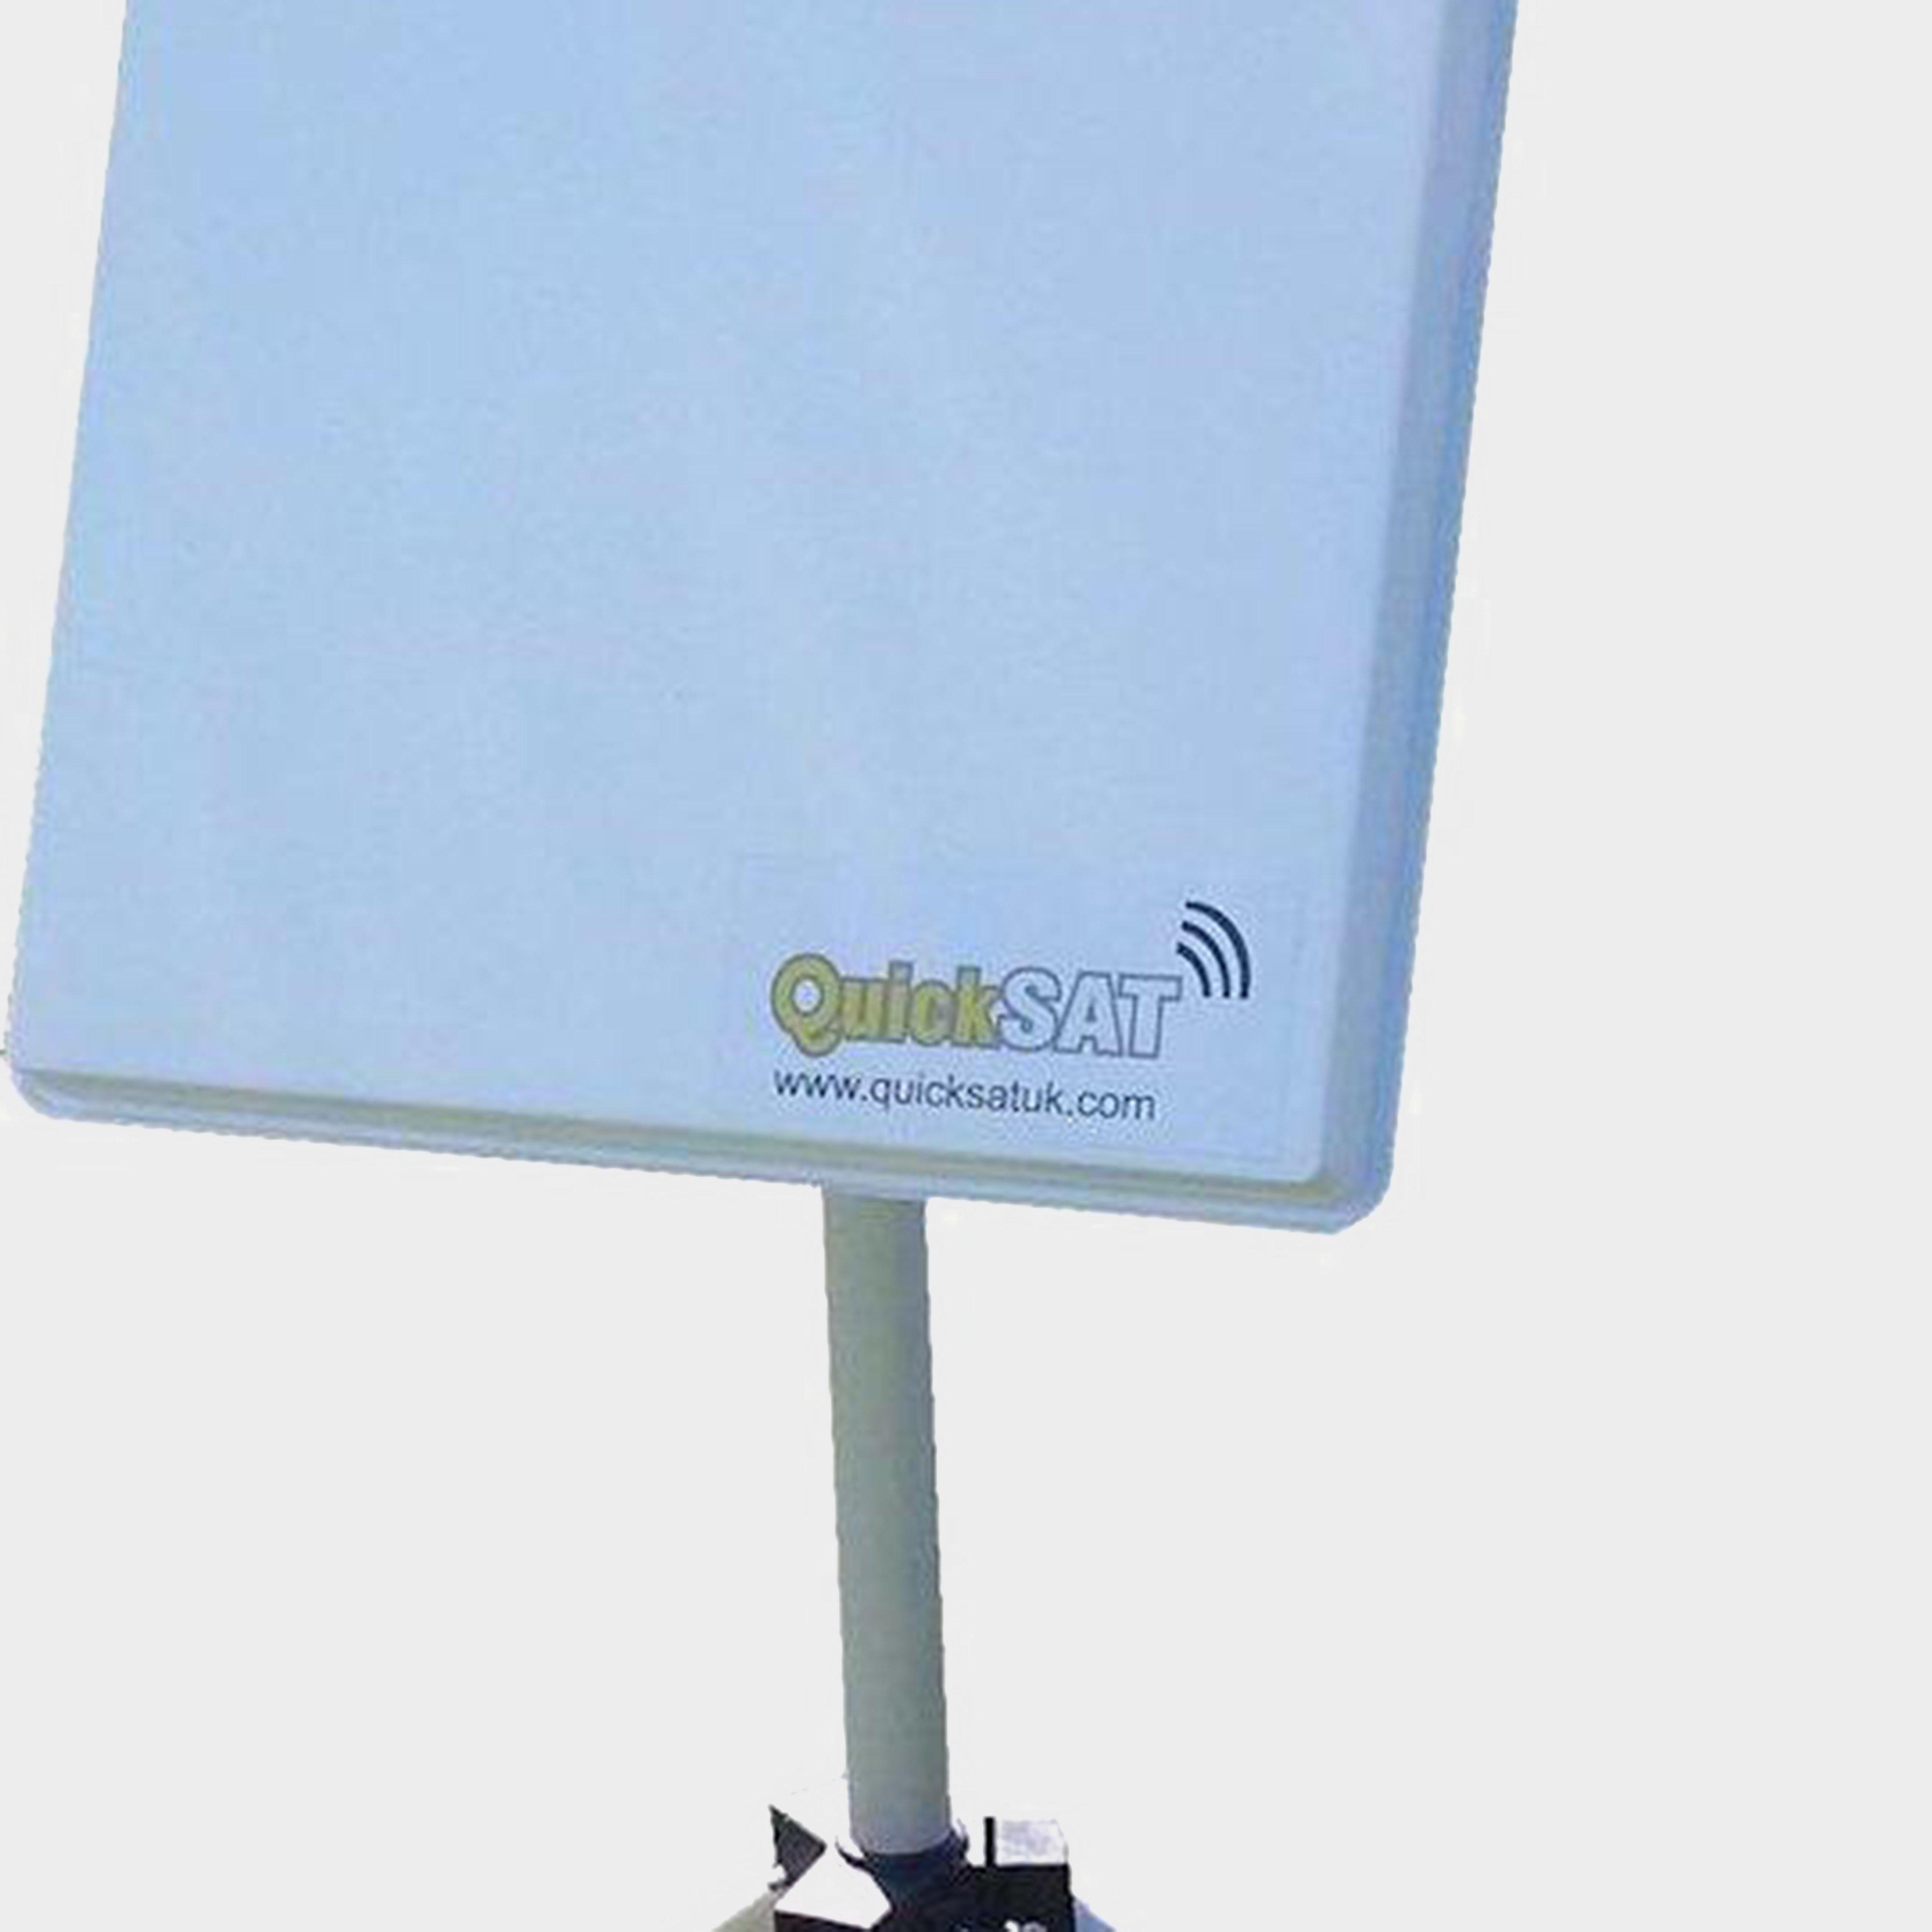 Falcon QS80 Portable Satellite TV System, NOCOLOUR/SYSTEM